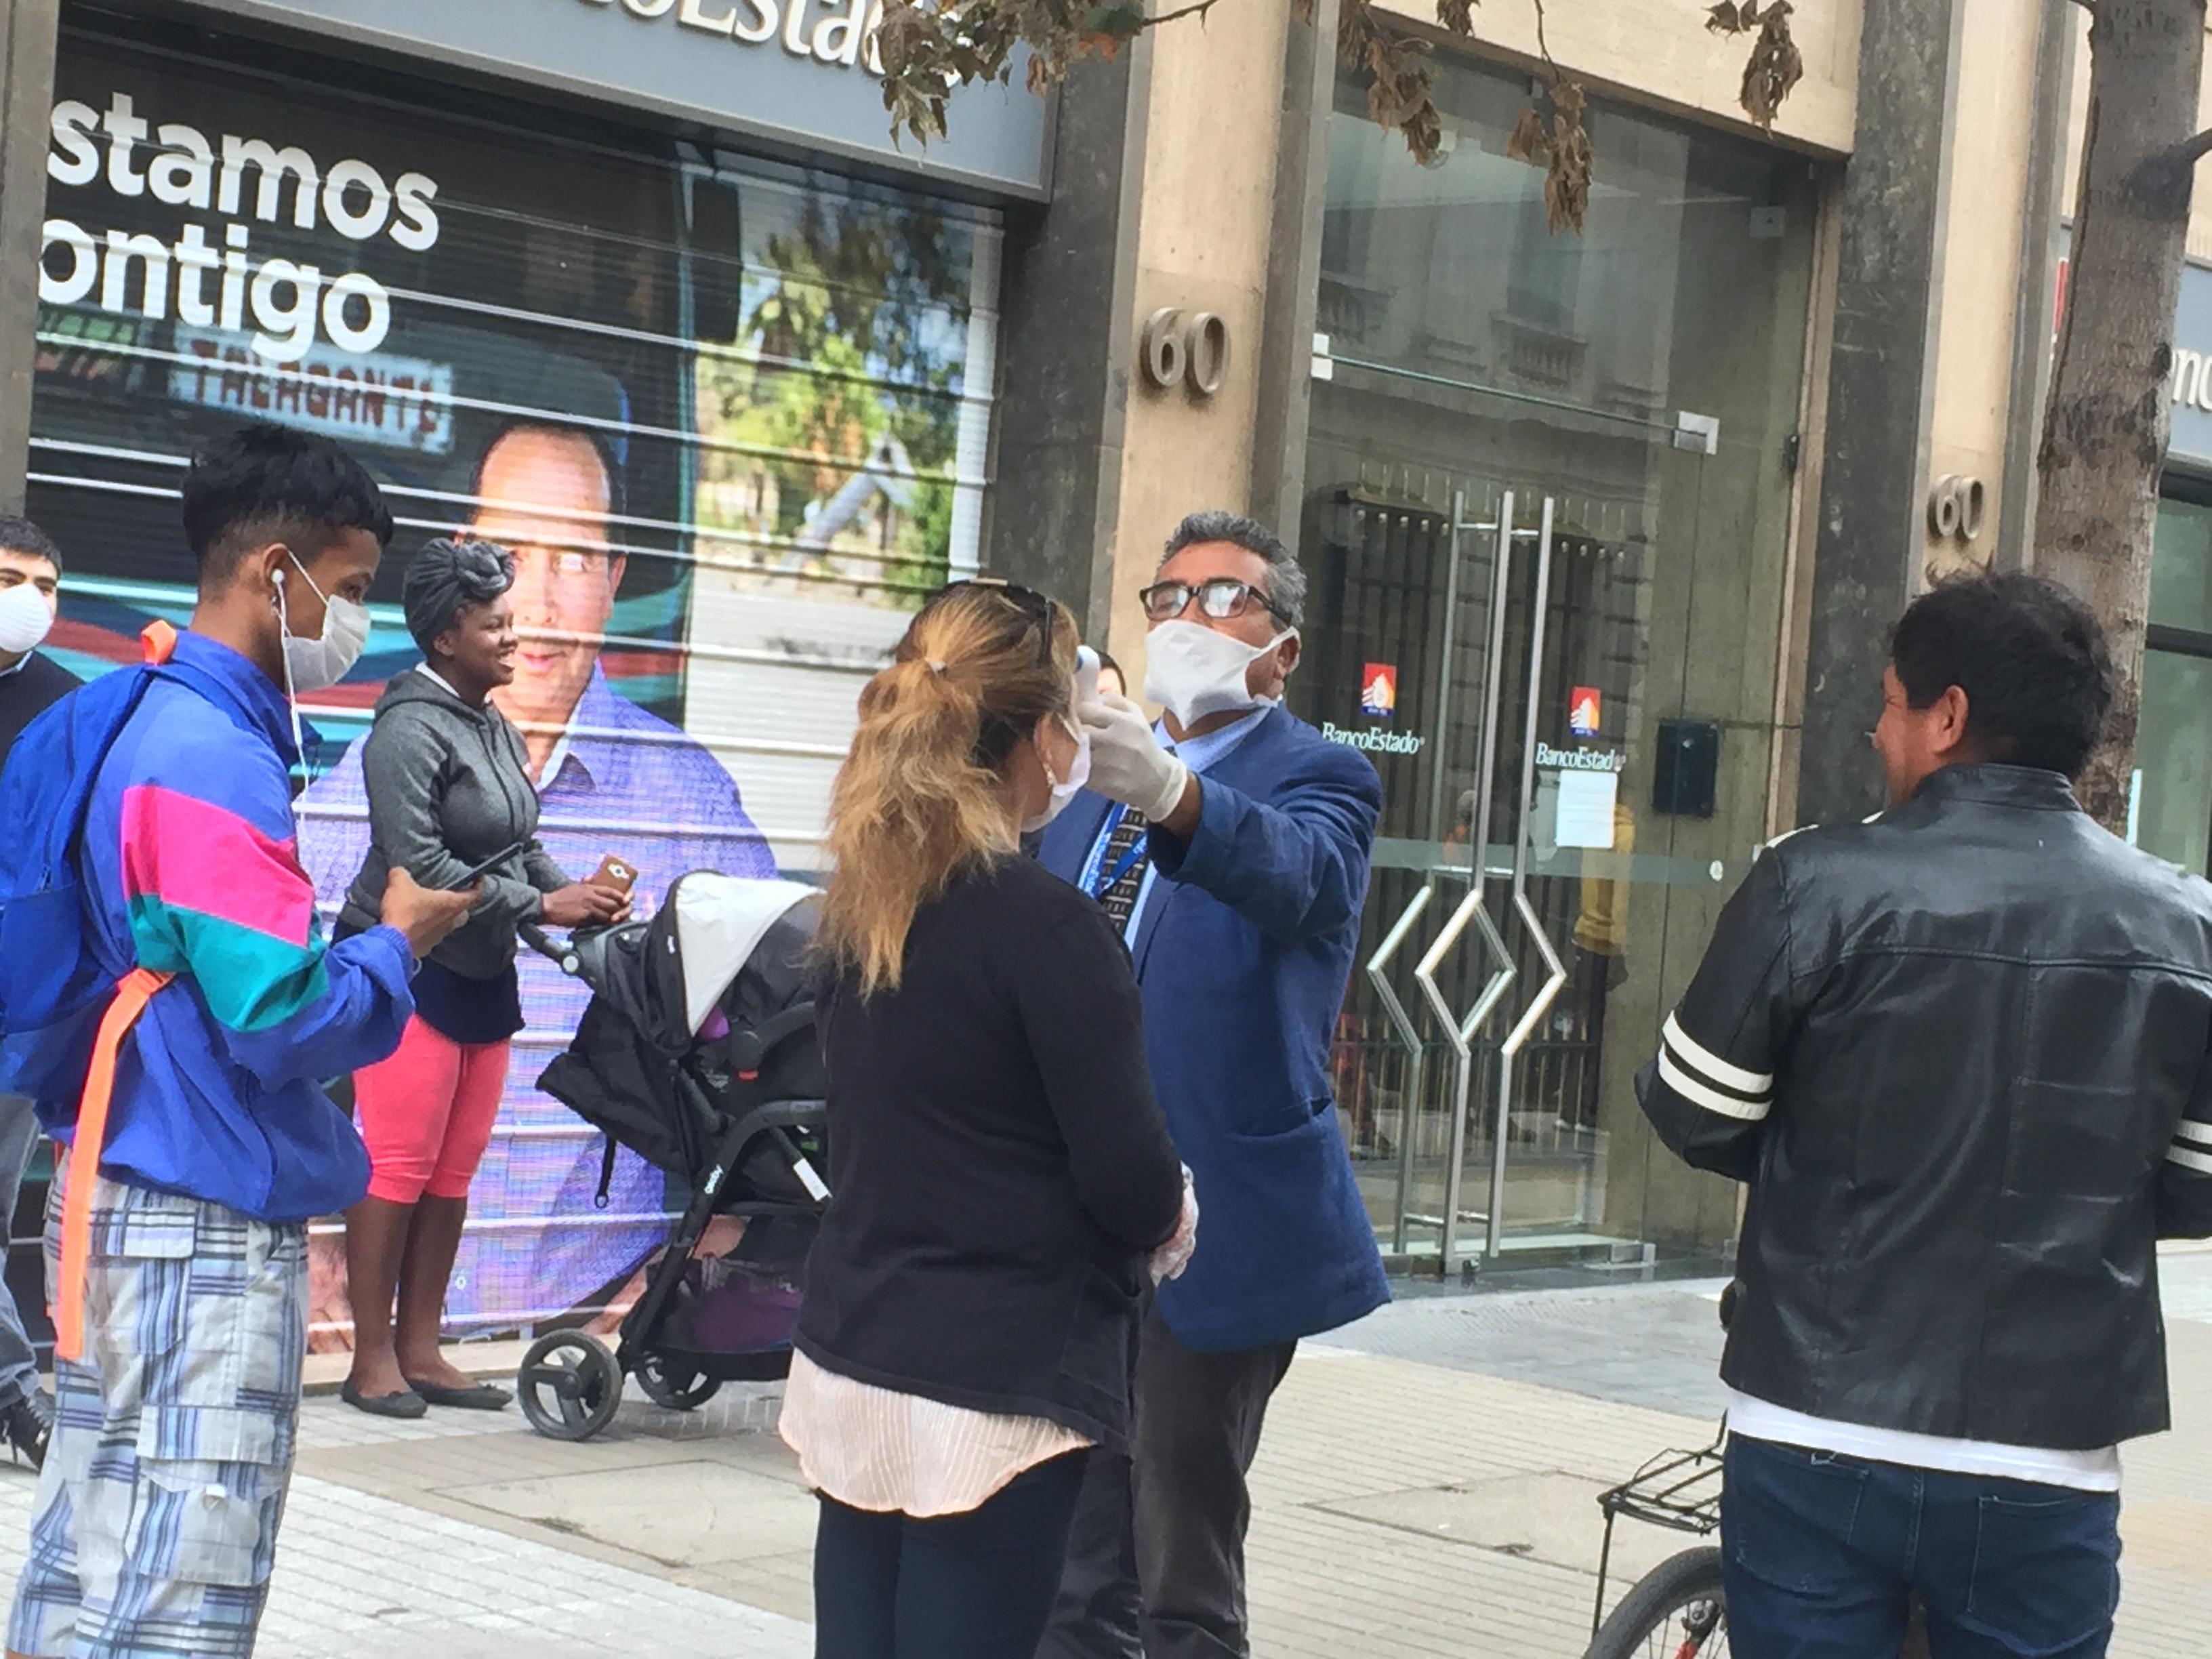 Durante la primera jornada de cuarentena total para siete comunas de la Región Metropolitana, se registraron filas y aglomeraciones en los distintos servicios básicos del país. Foto: Radio UChile.